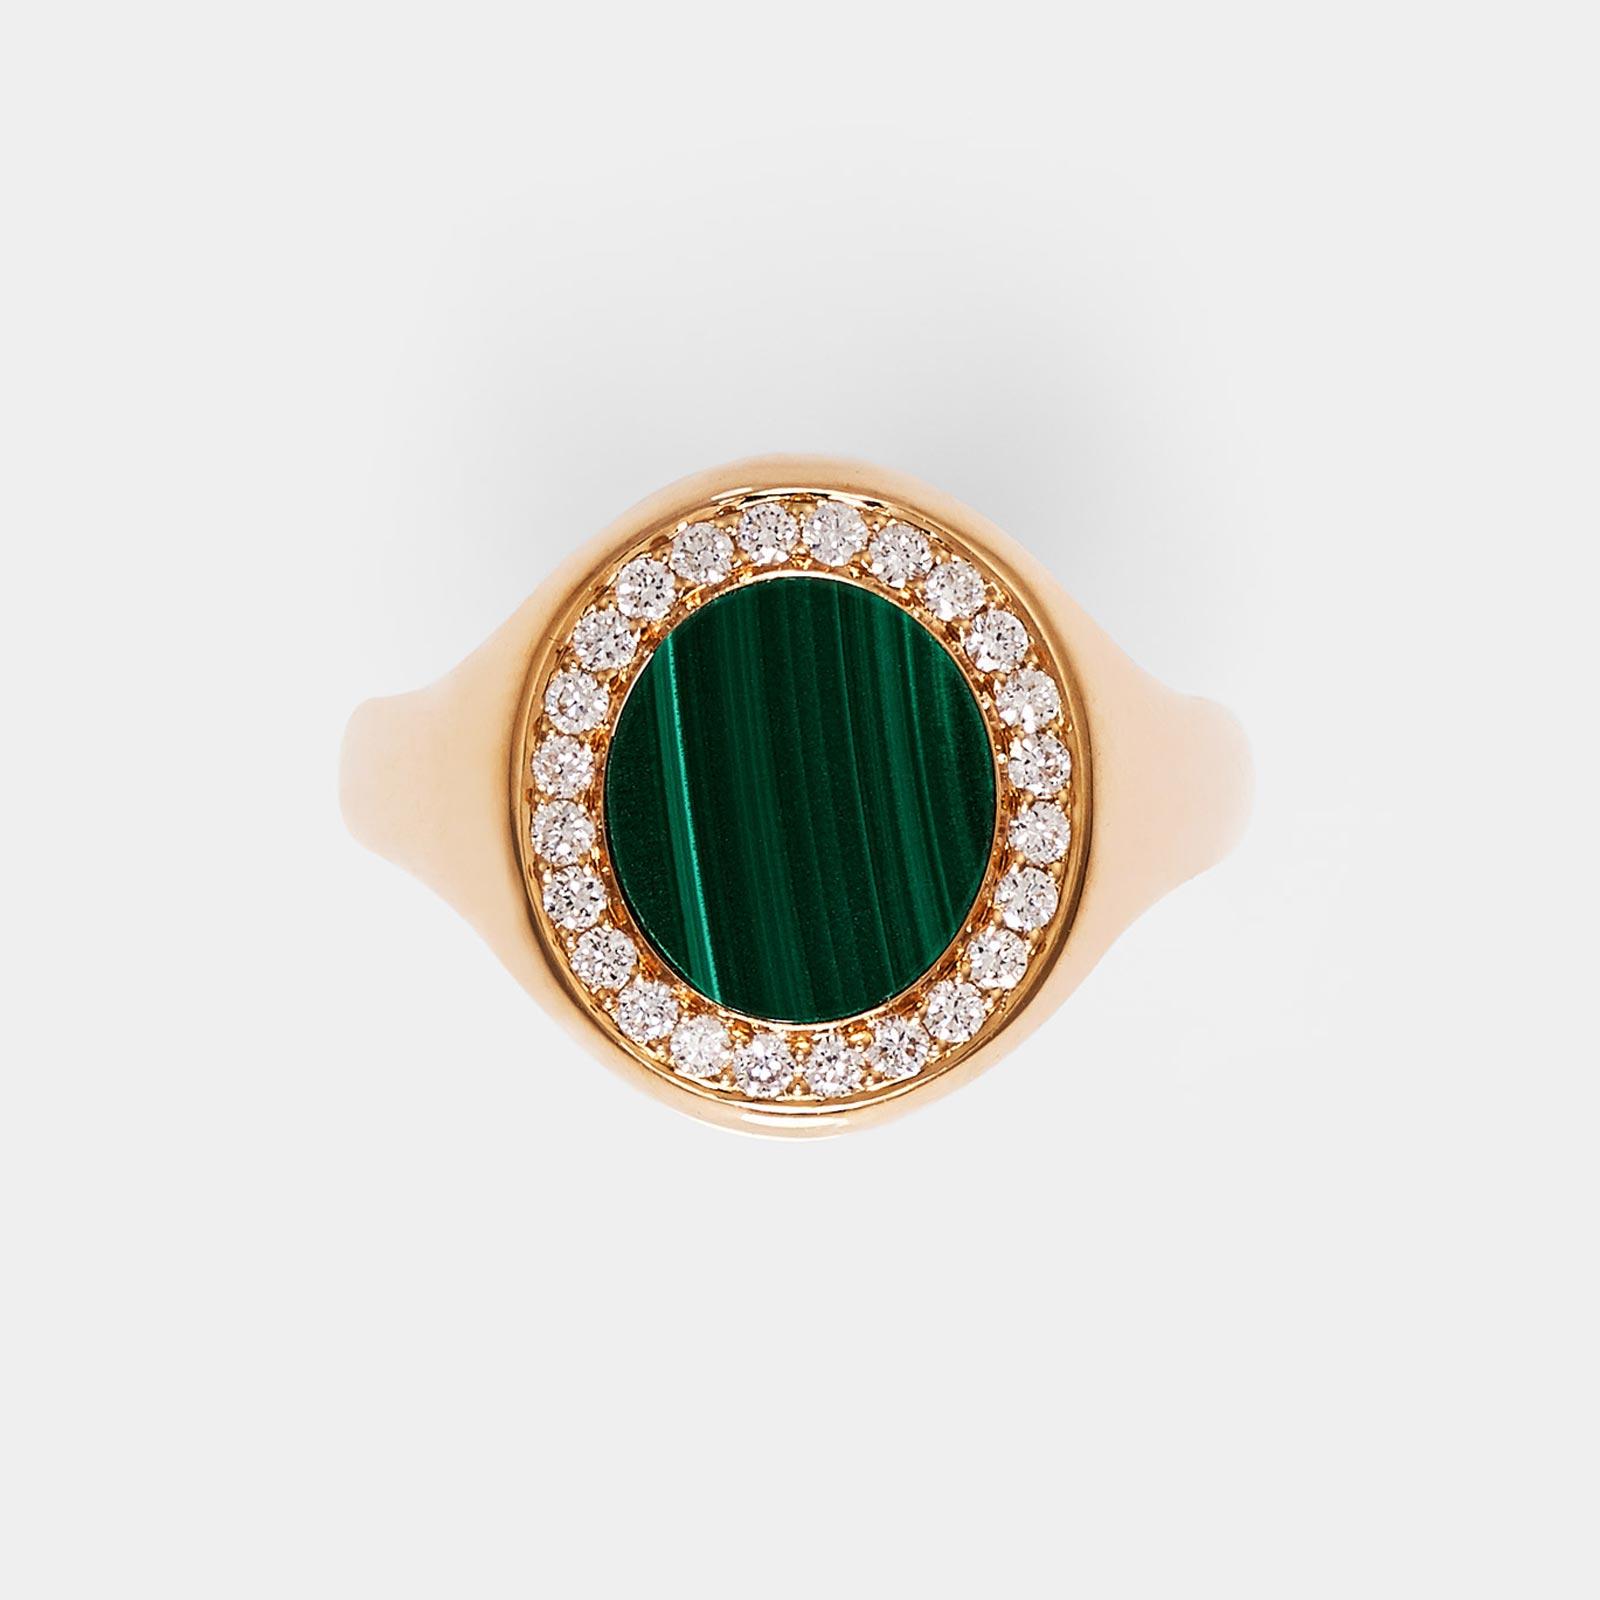 Crivelli - Anello in oro rosa e diamanti con pietra malachite - Rosanna Cattolico gioielli